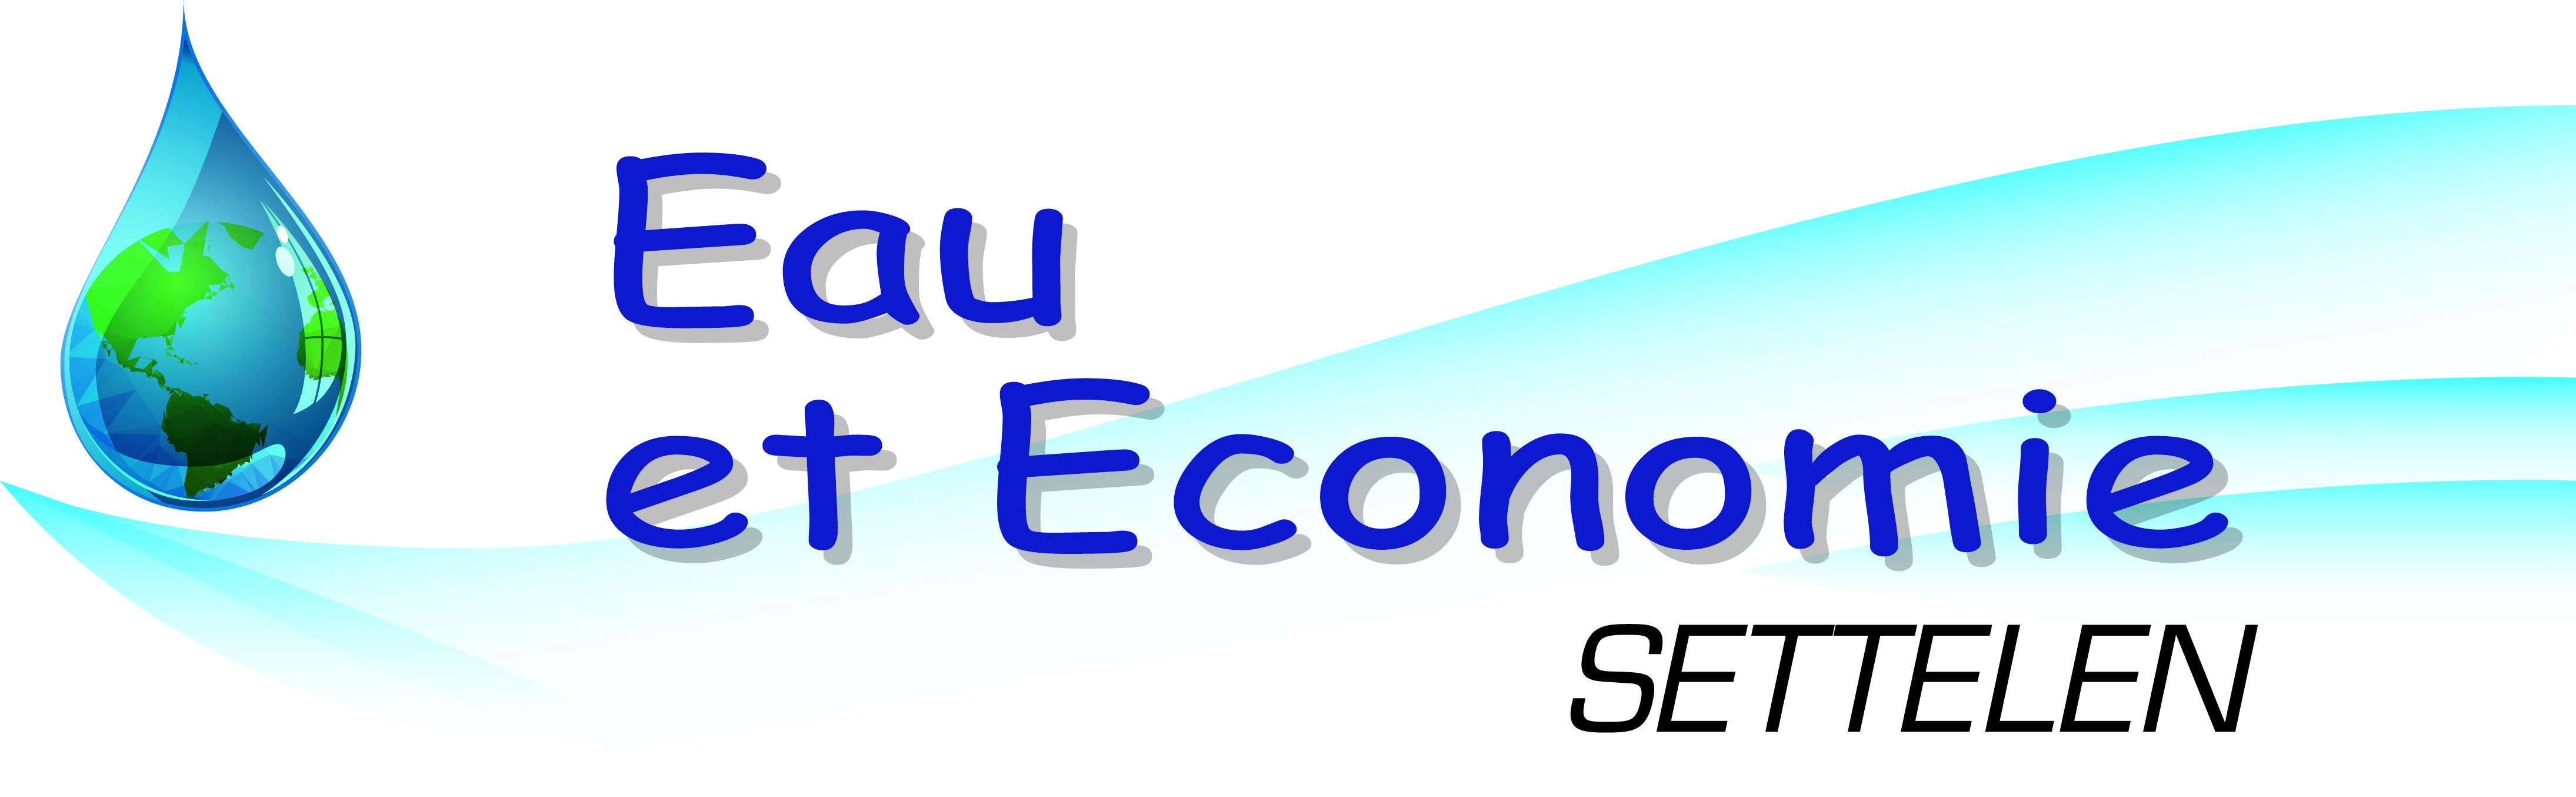 Eau-et-economie_500Nocturnes